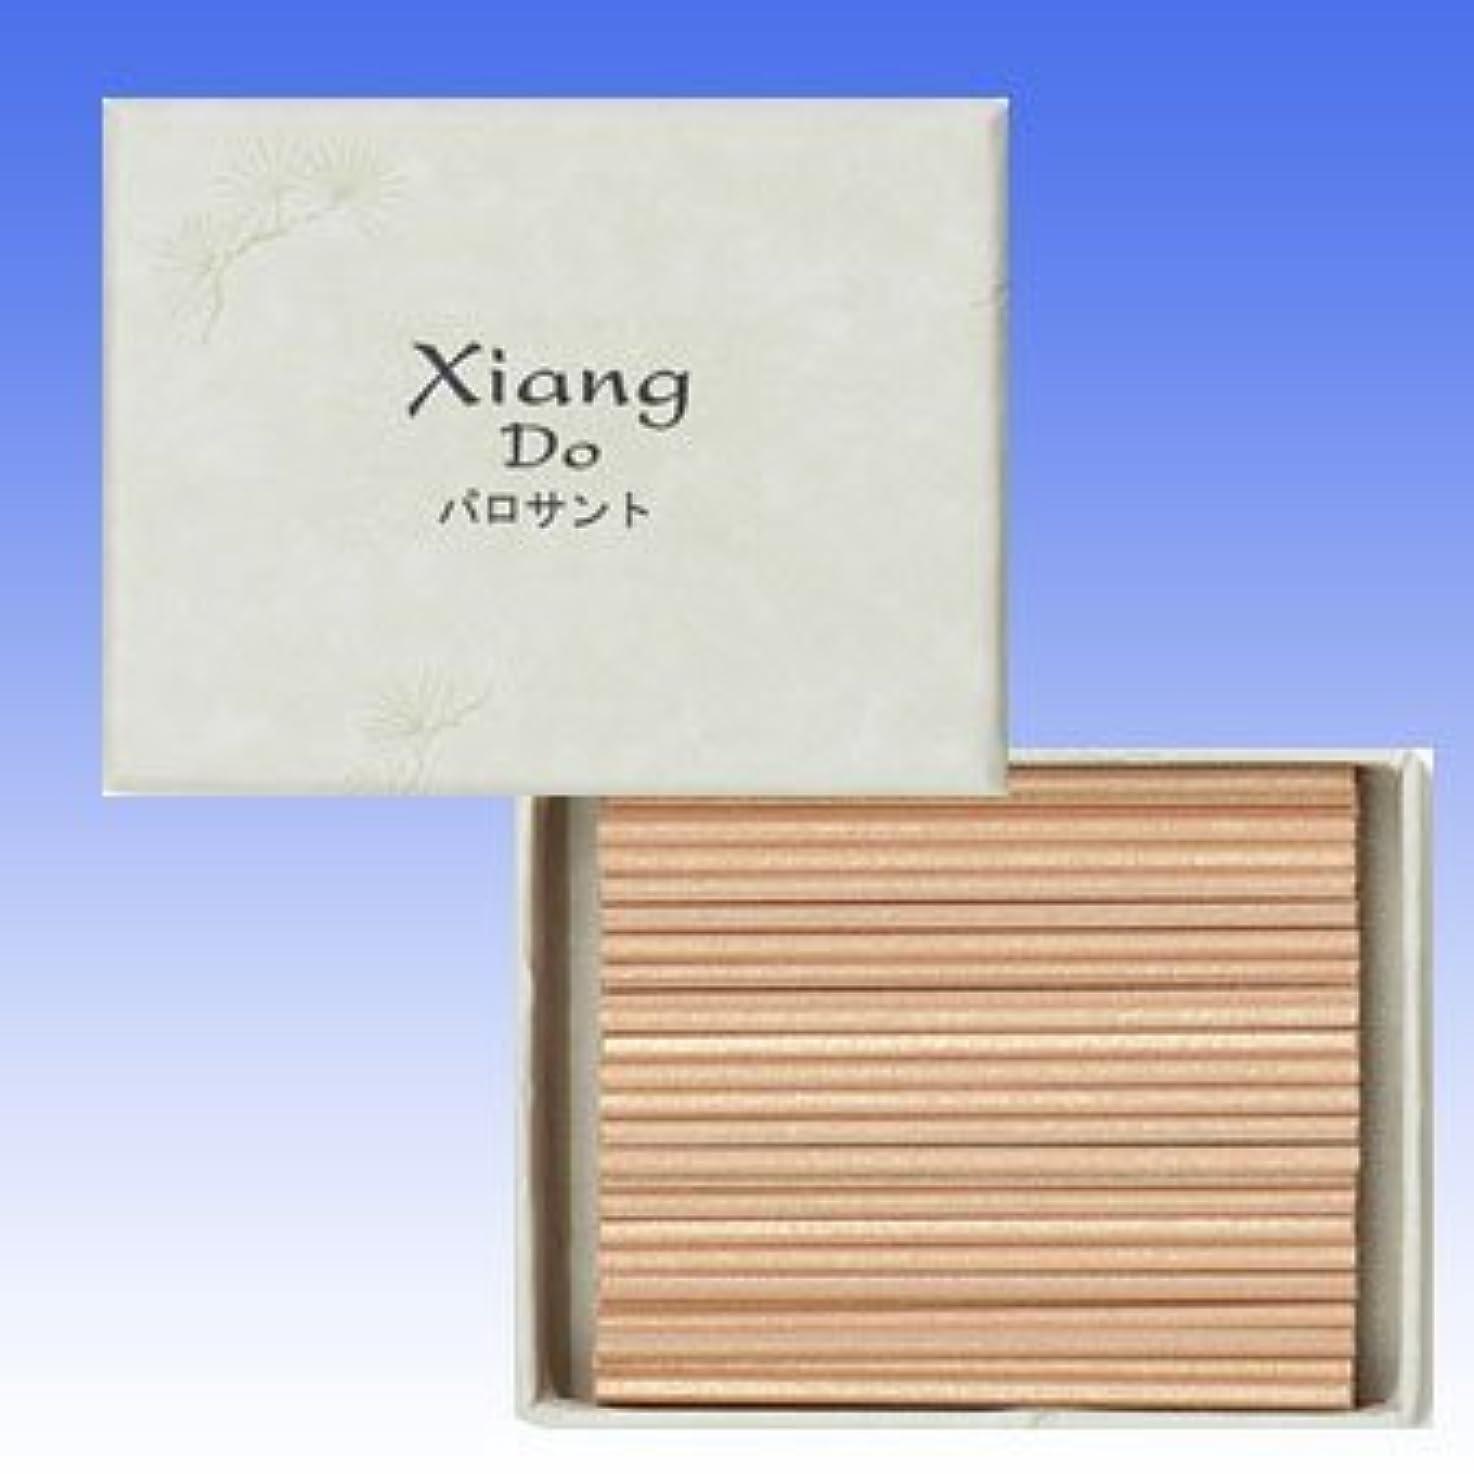 のヒープを通して削る松栄堂 Xiang Do(シァン ドゥ) 徳用120本入 (パロサント)